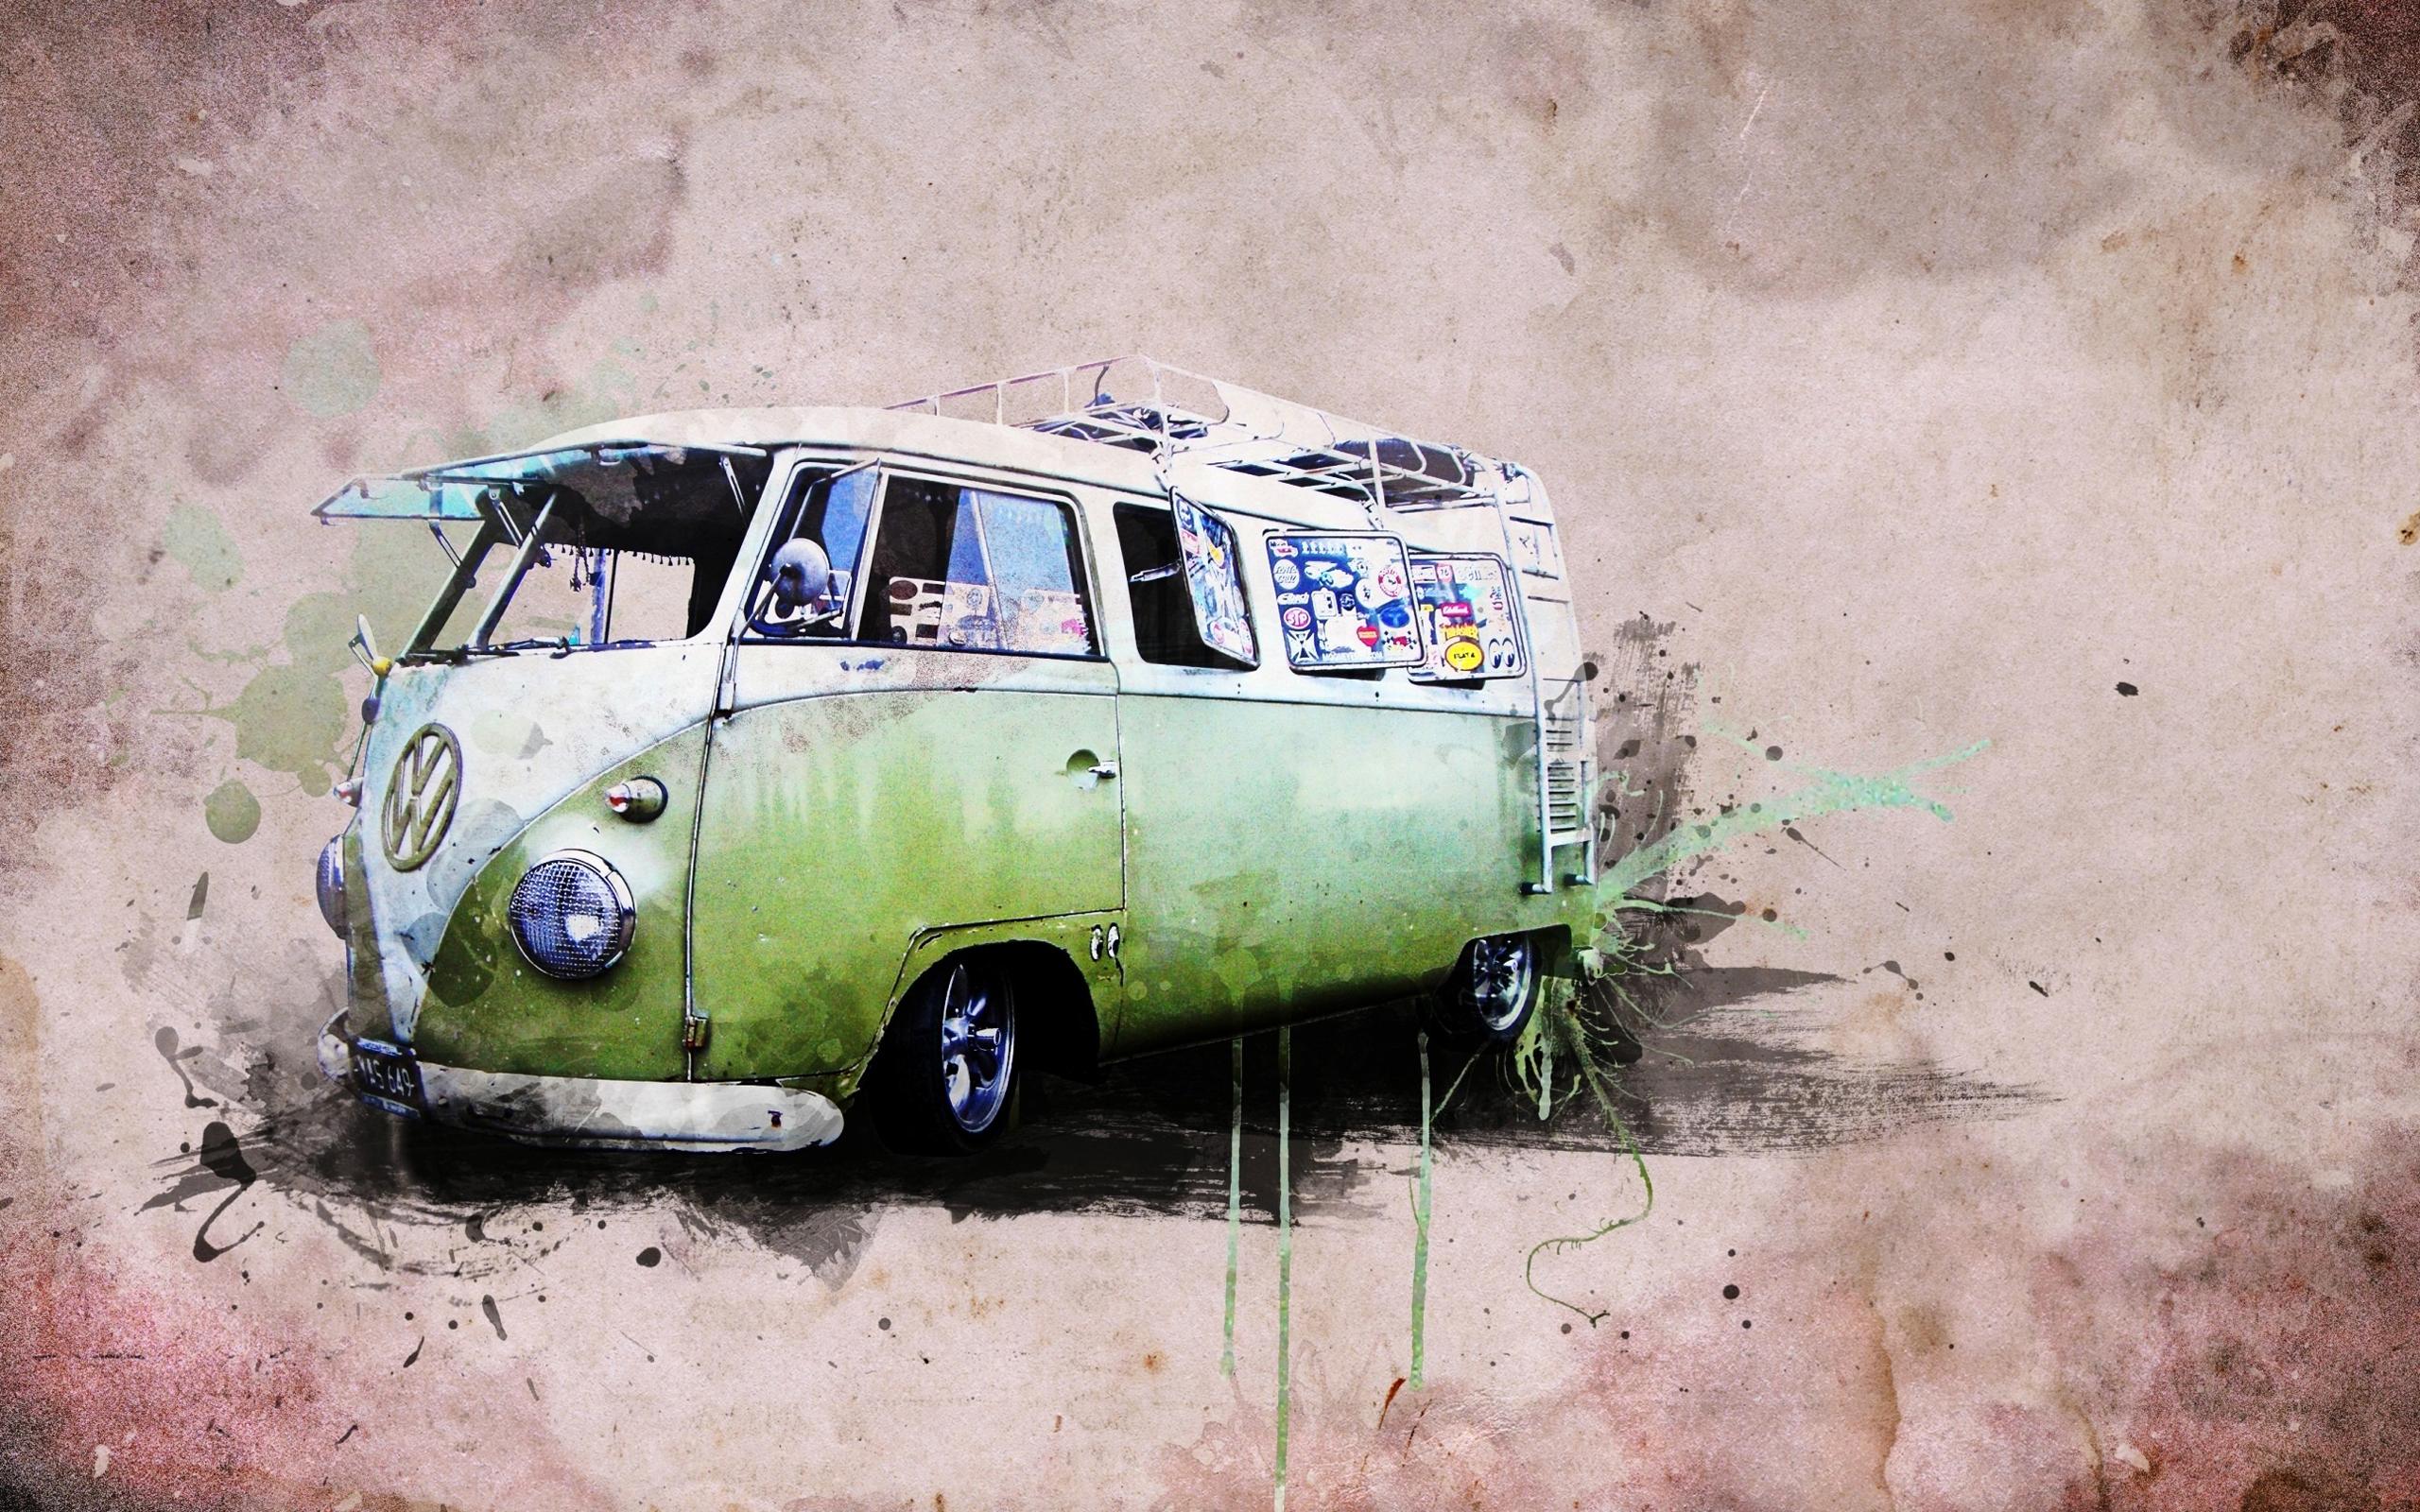 Free Download 15 Vw Combi Van Hd Wallpapers Volkswagen Kombi